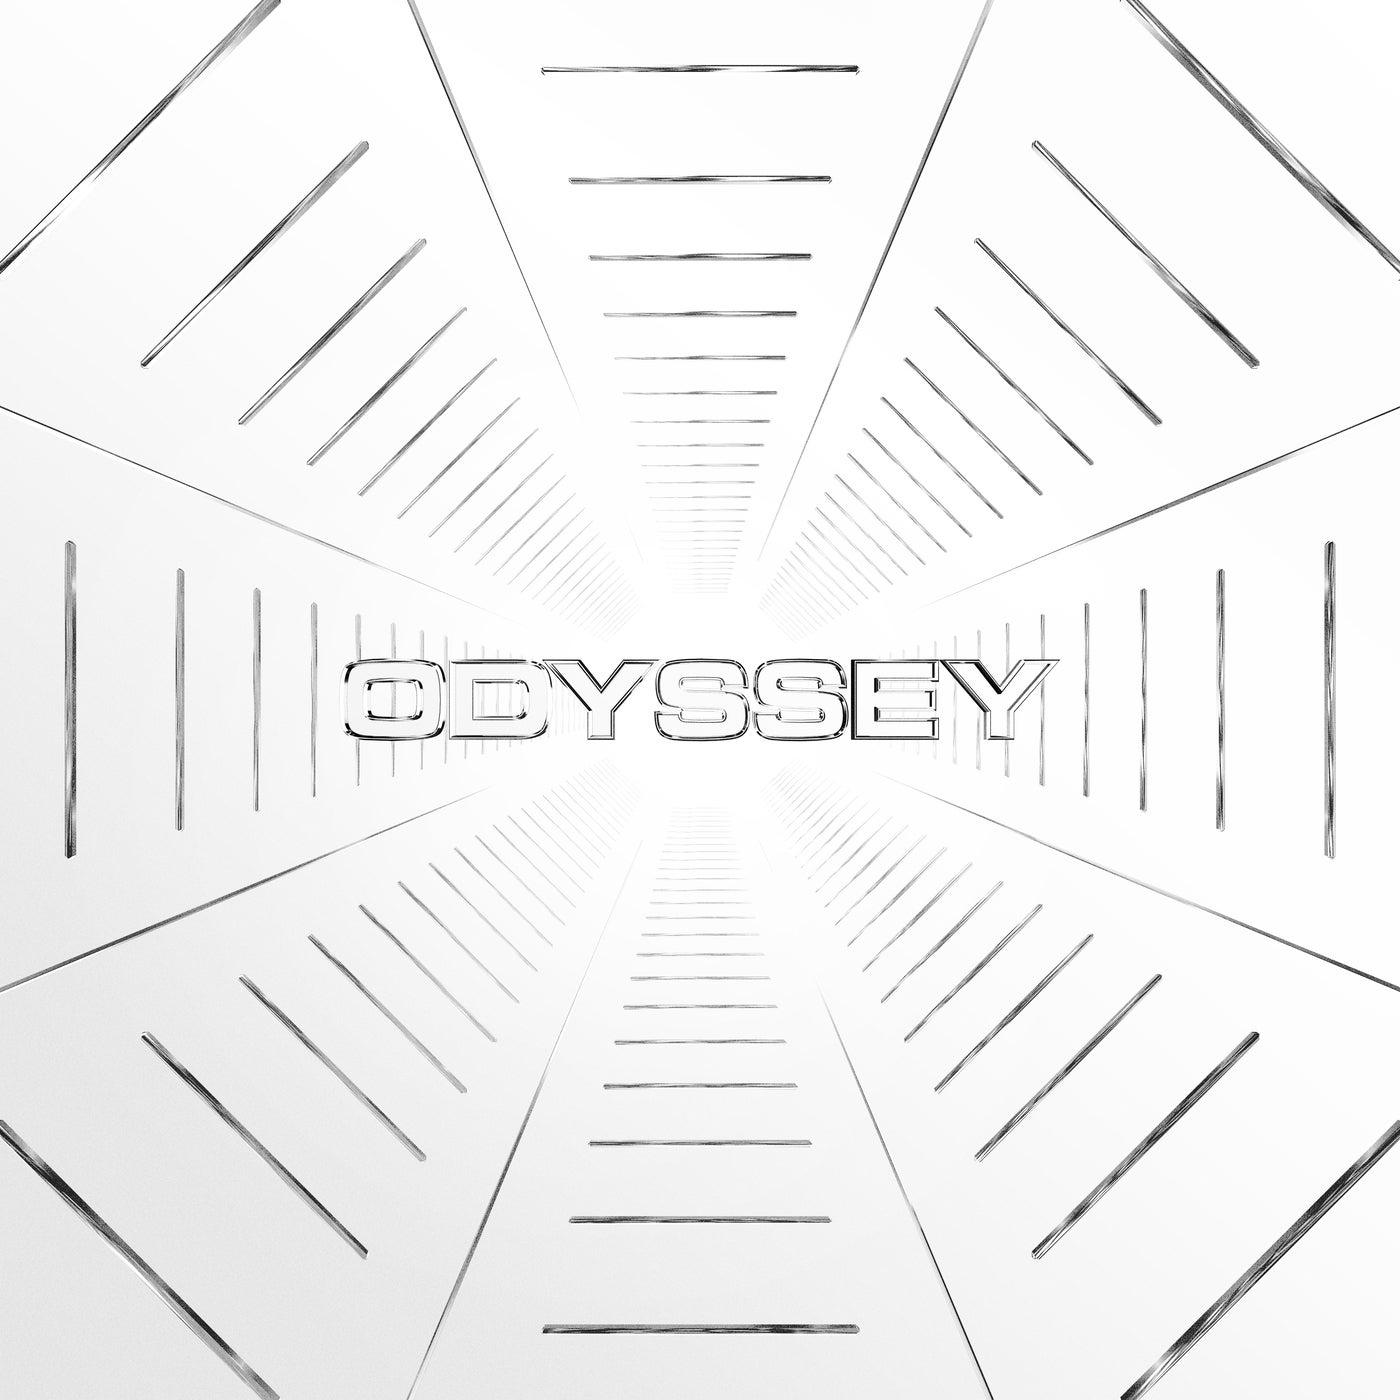 Odyssey (Original Mix)